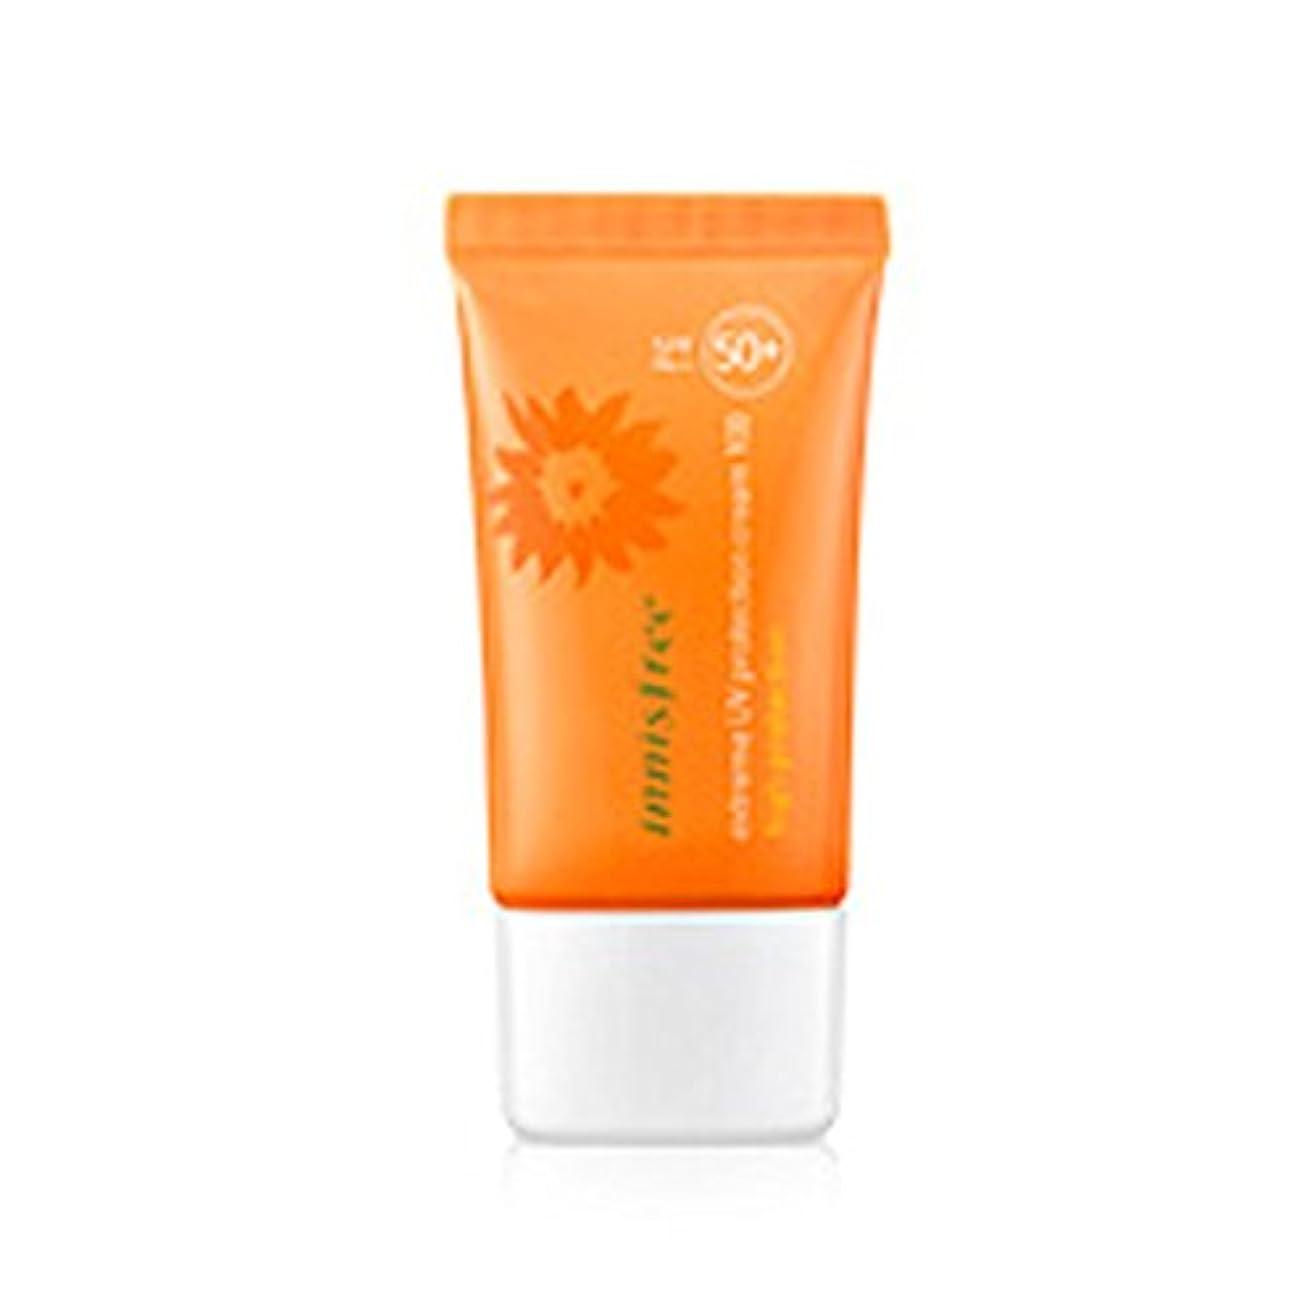 会話型中絶引数イニスフリーエクストリームUVプロテクションクリーム100ハイプロテクション50ml   SPF50 + PA +++ Innisfree Extreme UV Protection Cream100 High Protection...